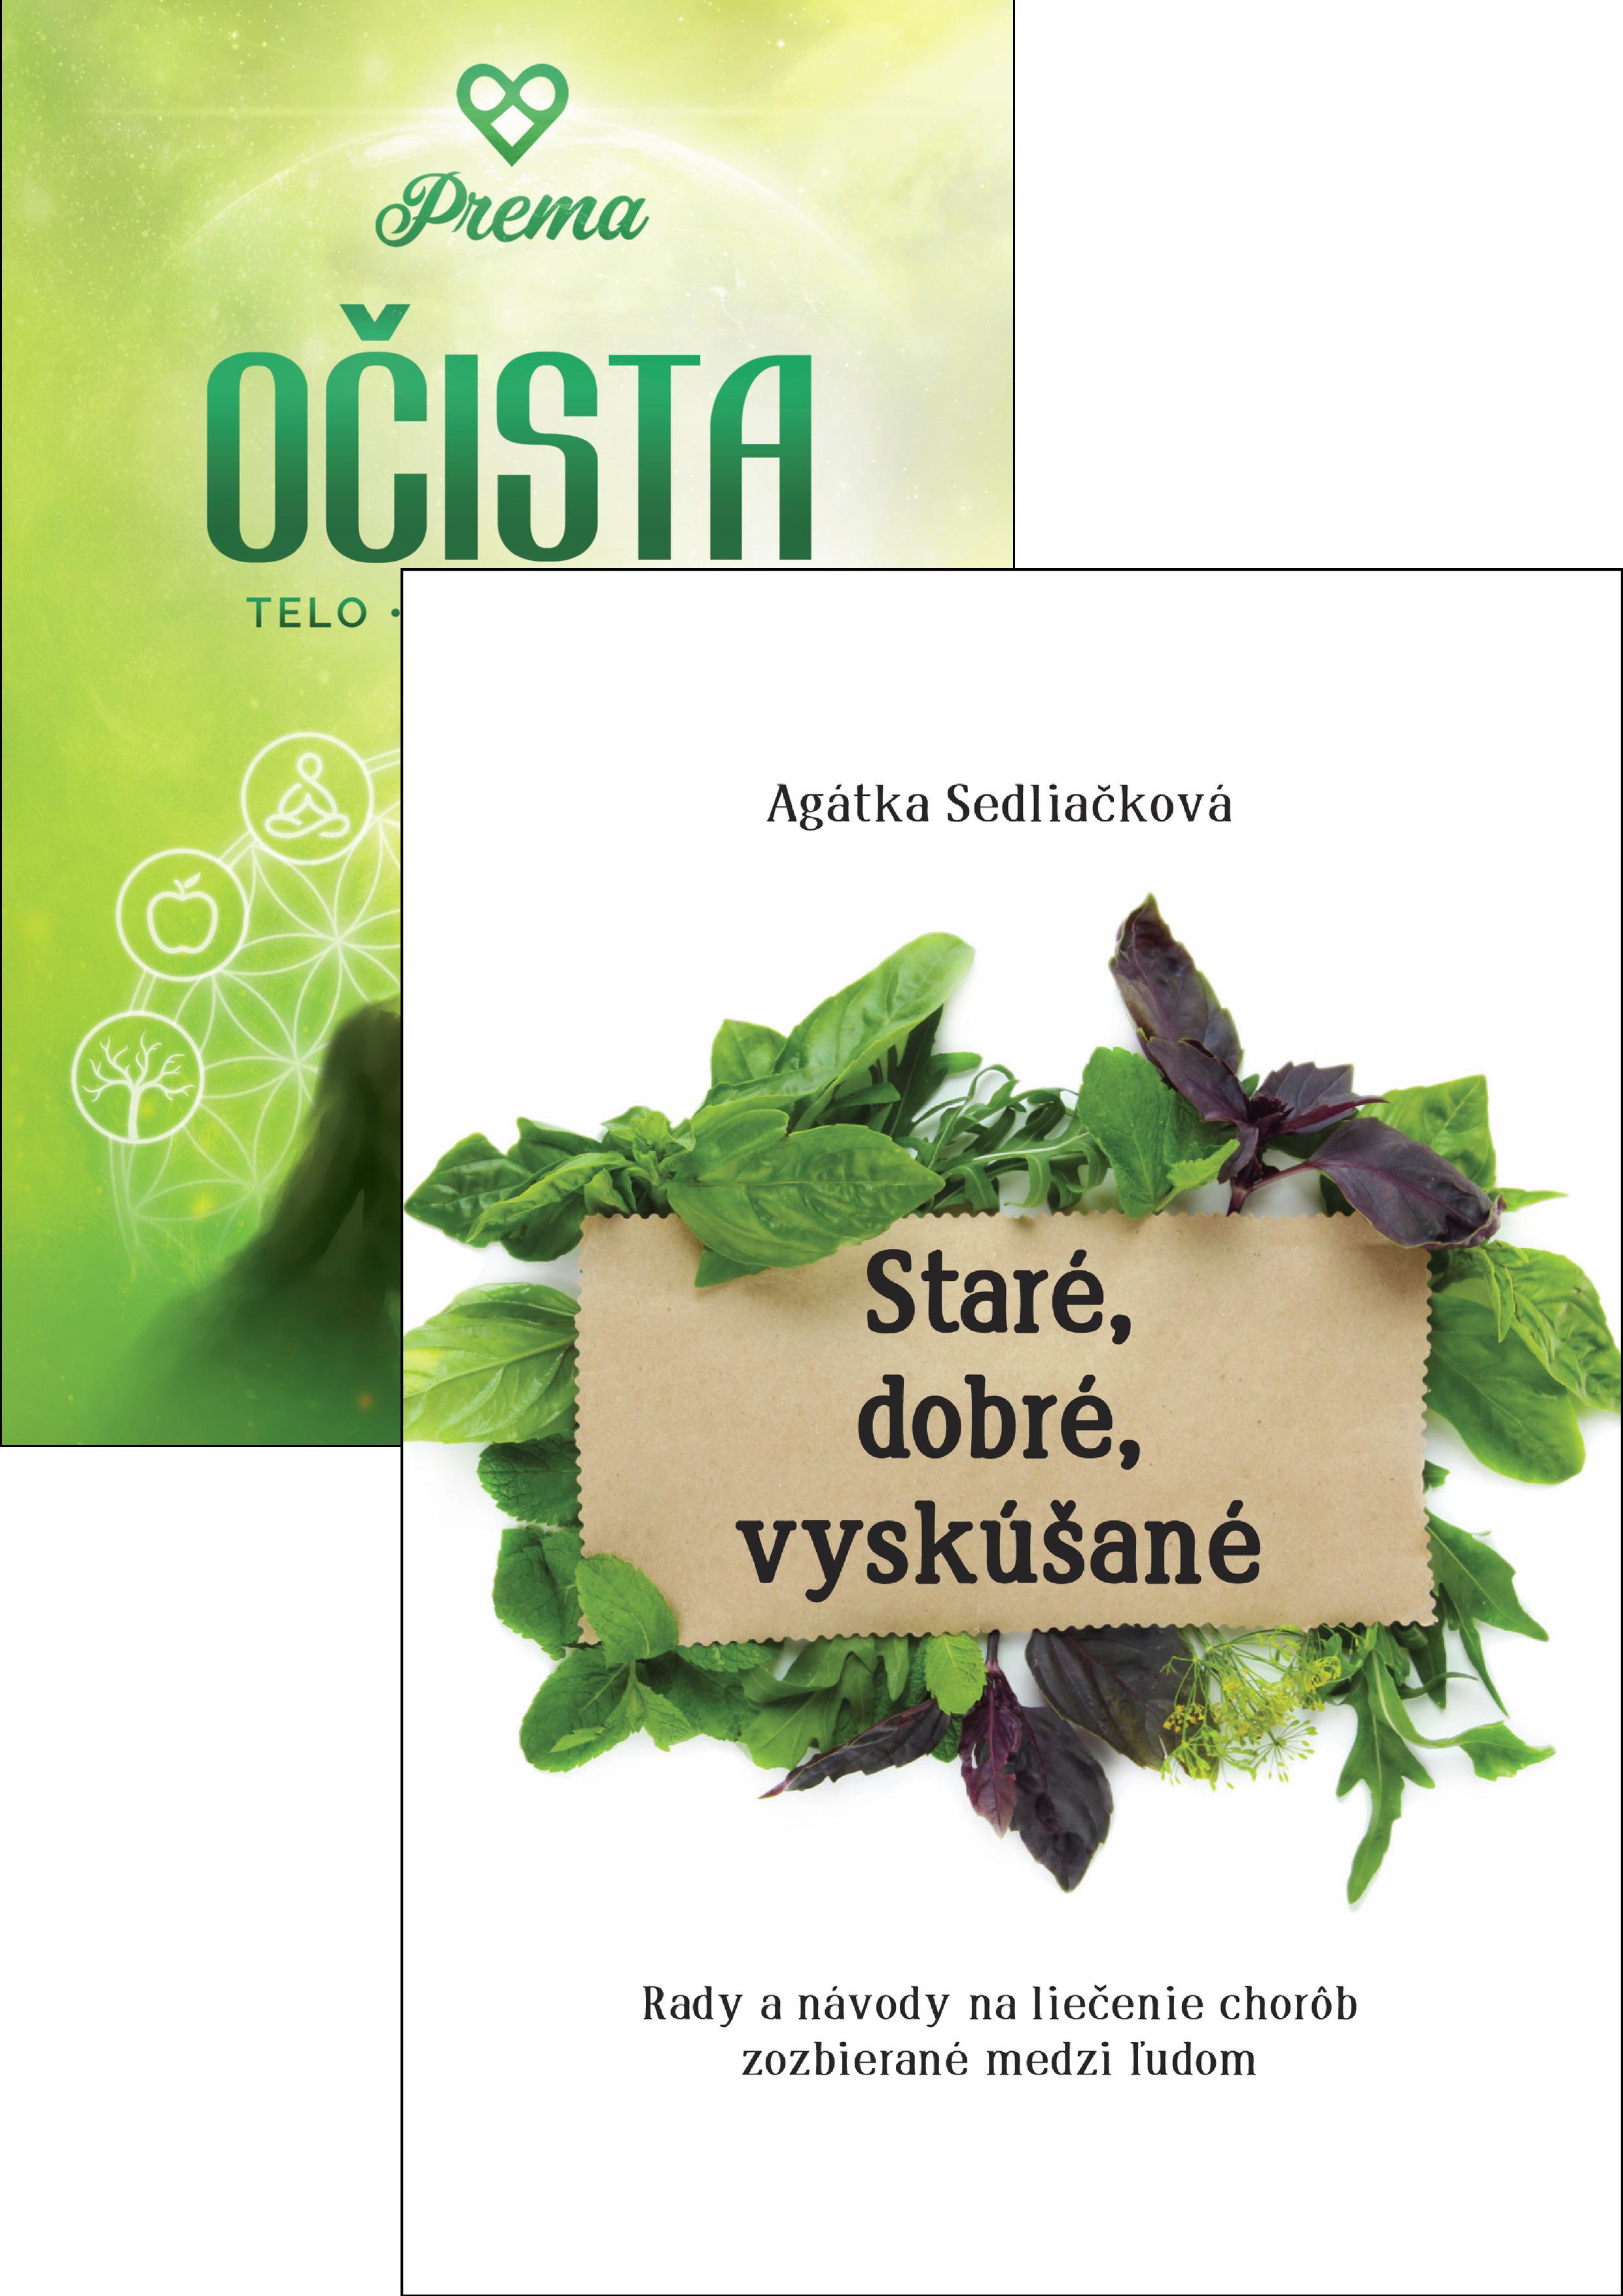 Staré, dobré, vyskúšané + Očista - Agátka Sedliačková, Leo Prema